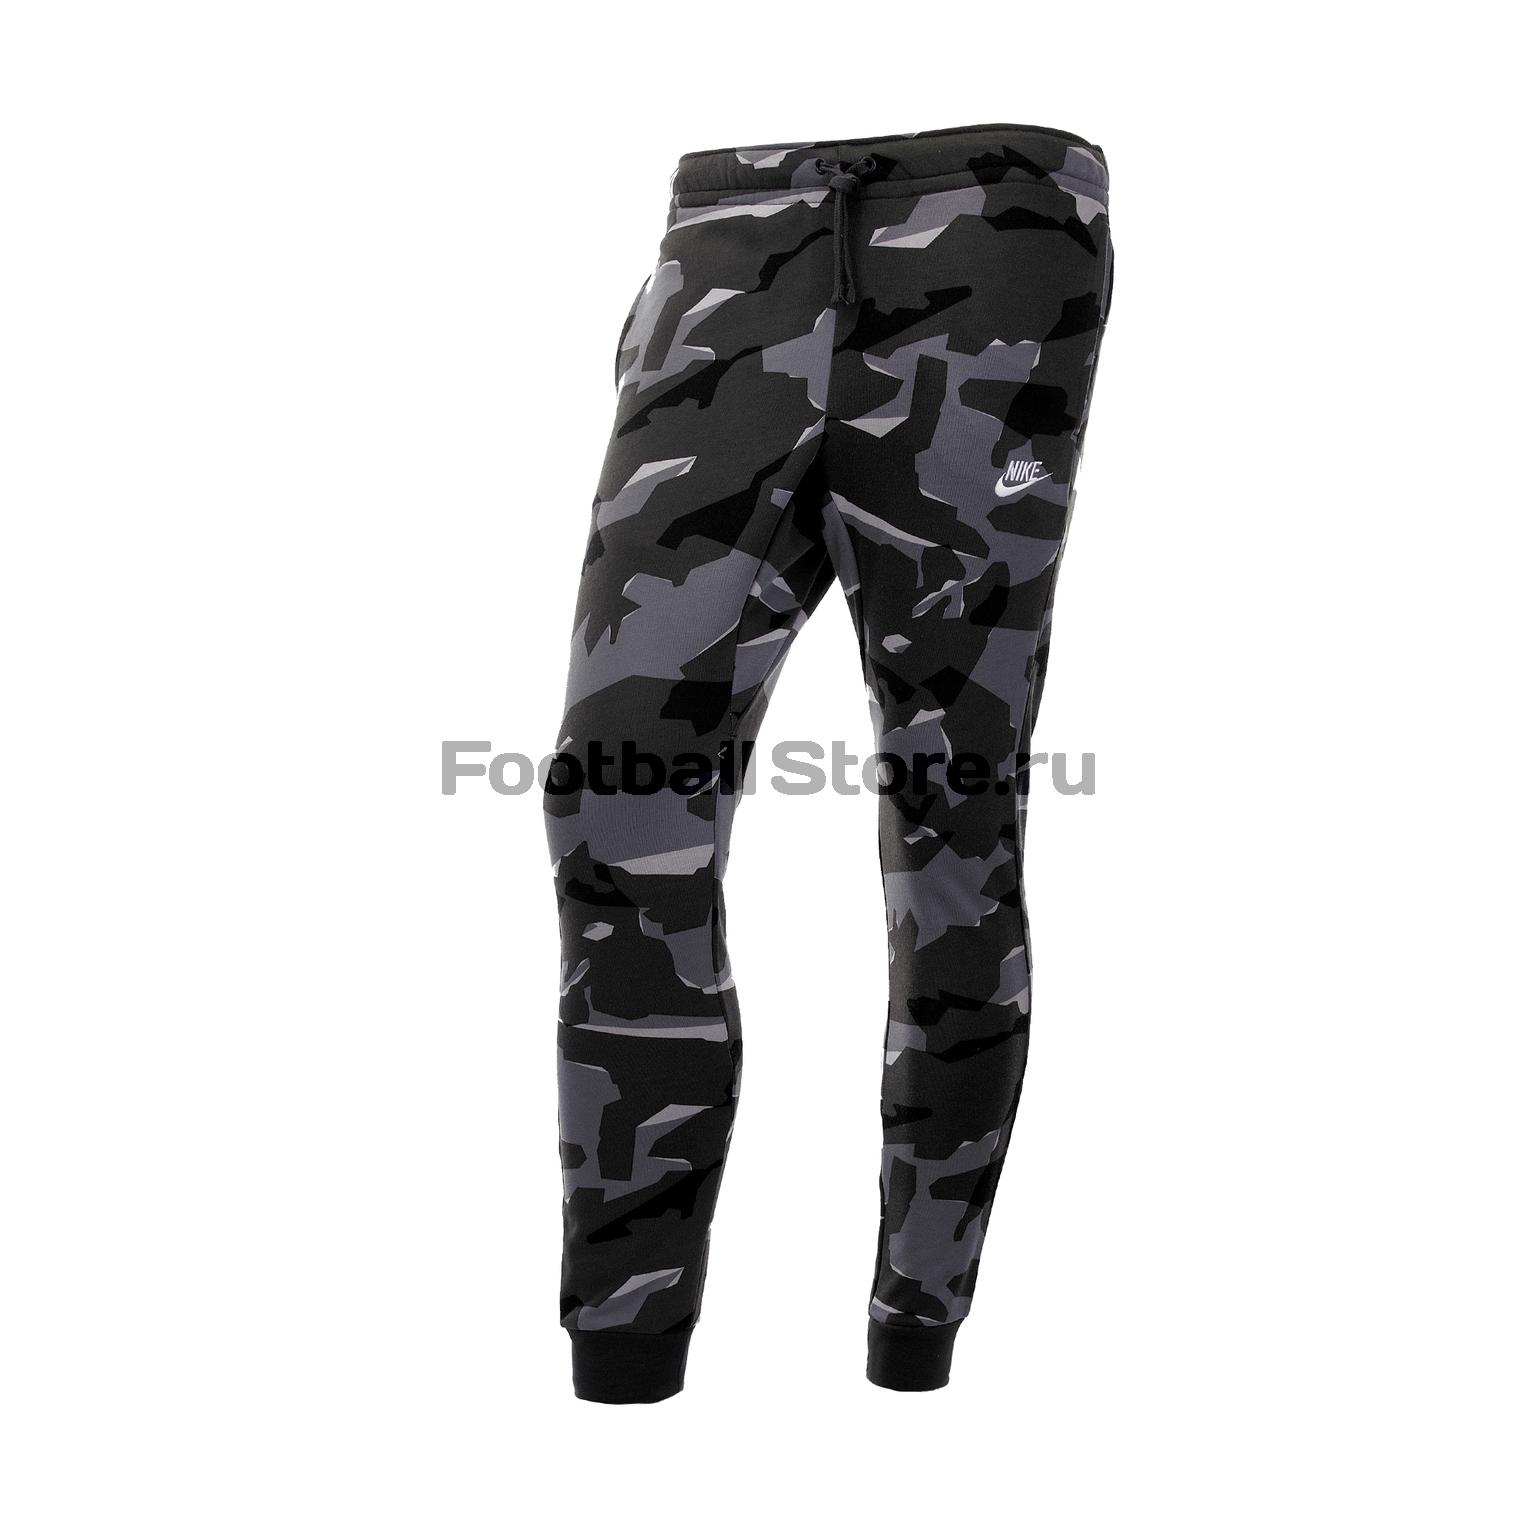 Брюки тренировочные Nike Club Camo Jogger AR1306-065 брюки спортивные мужские nike m nsw jogger flc club цвет черный 804408 010 размер l 50 52